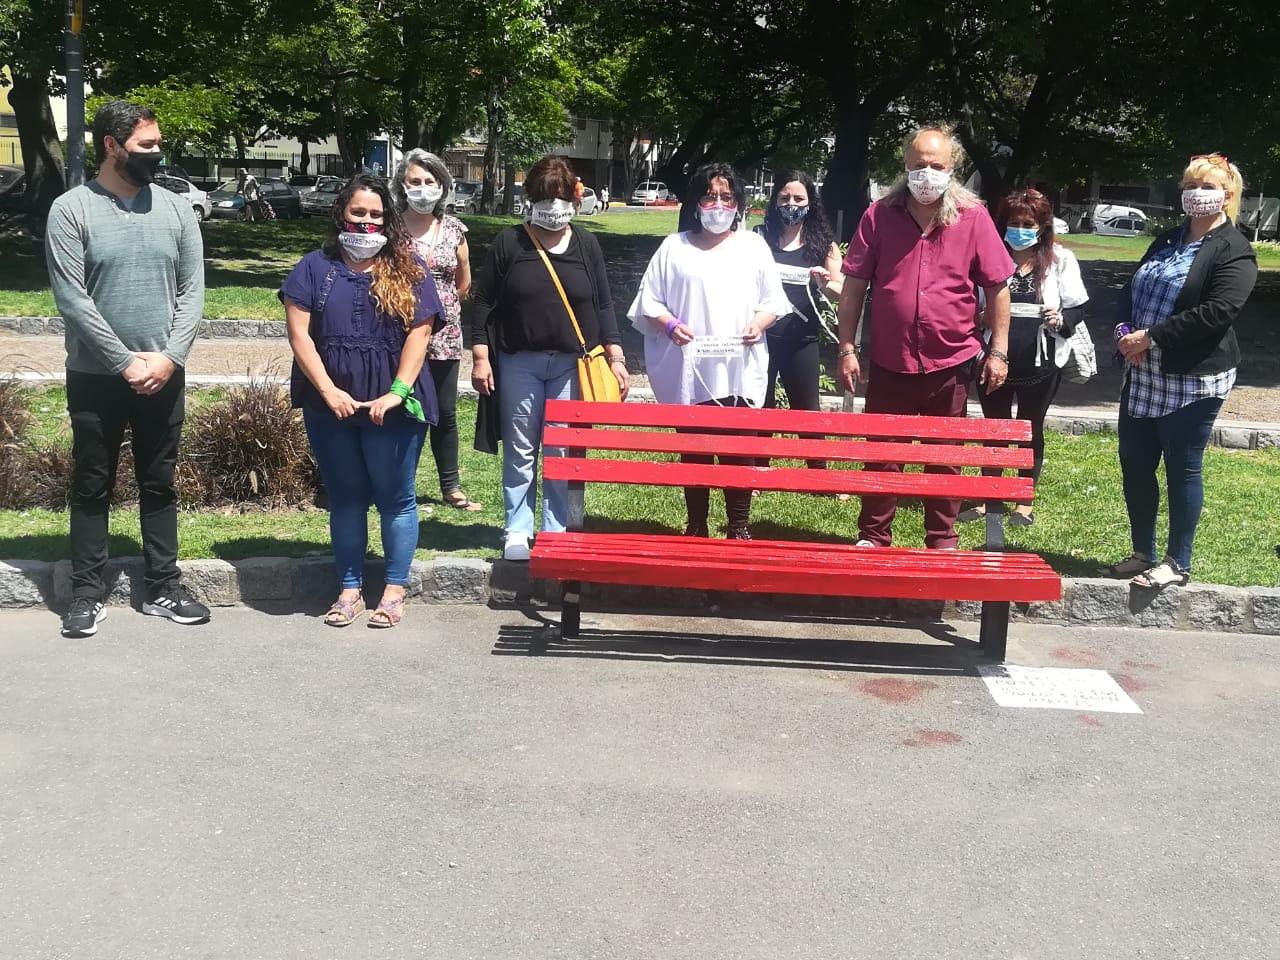 Inauguraron un banco rojo en la Plaza Monte Castro | Un símbolo contra la violencia hacia las mujeres